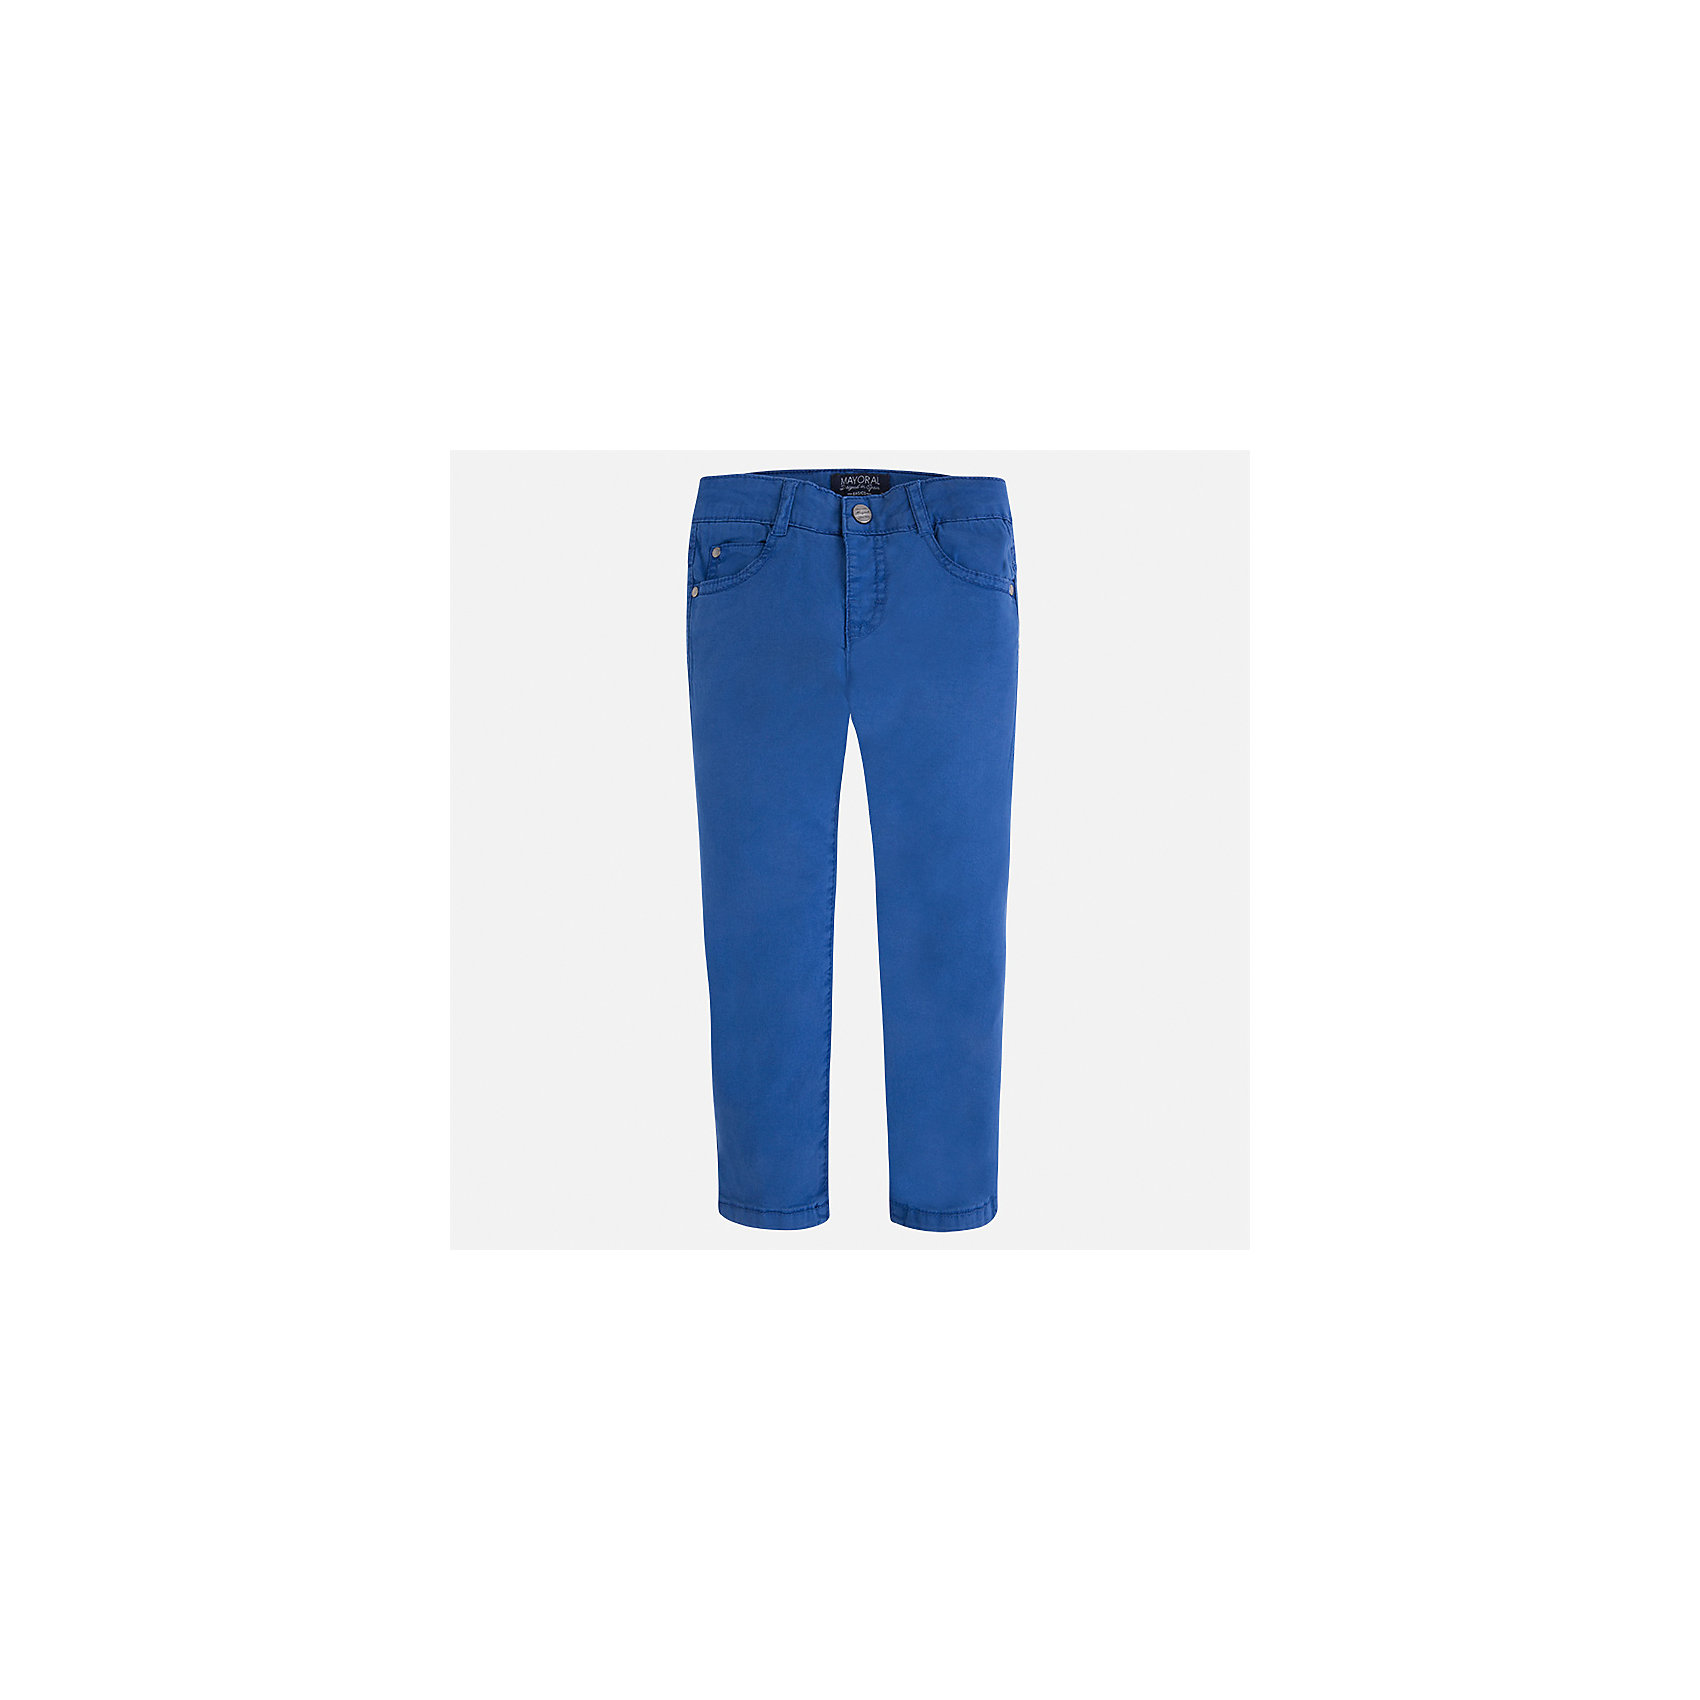 Брюки для мальчика MayoralБрюки<br>Характеристики товара:<br><br>• цвет: синий<br>• состав: 98% хлопок, 2% эластан<br>• застежка: кнопка<br>• шлевки<br>• карманы<br>• пояс с регулировкой размера<br>• классический силуэт<br>• страна бренда: Испания<br><br>Модные брюки для мальчика смогут стать базовой вещью в гардеробе ребенка. Они отлично сочетаются с майками, футболками, рубашками и т.д. Универсальный крой и цвет позволяет подобрать к вещи верх разных расцветок. Практичное и стильное изделие! В составе материала - натуральный хлопок, гипоаллергенный, приятный на ощупь, дышащий.<br><br>Одежда, обувь и аксессуары от испанского бренда Mayoral полюбились детям и взрослым по всему миру. Модели этой марки - стильные и удобные. Для их производства используются только безопасные, качественные материалы и фурнитура. Порадуйте ребенка модными и красивыми вещами от Mayoral! <br><br>Брюки для мальчика от испанского бренда Mayoral (Майорал) можно купить в нашем интернет-магазине.<br><br>Ширина мм: 215<br>Глубина мм: 88<br>Высота мм: 191<br>Вес г: 336<br>Цвет: синий<br>Возраст от месяцев: 18<br>Возраст до месяцев: 24<br>Пол: Мужской<br>Возраст: Детский<br>Размер: 92,122,98,104,110,116,134,128<br>SKU: 5278044